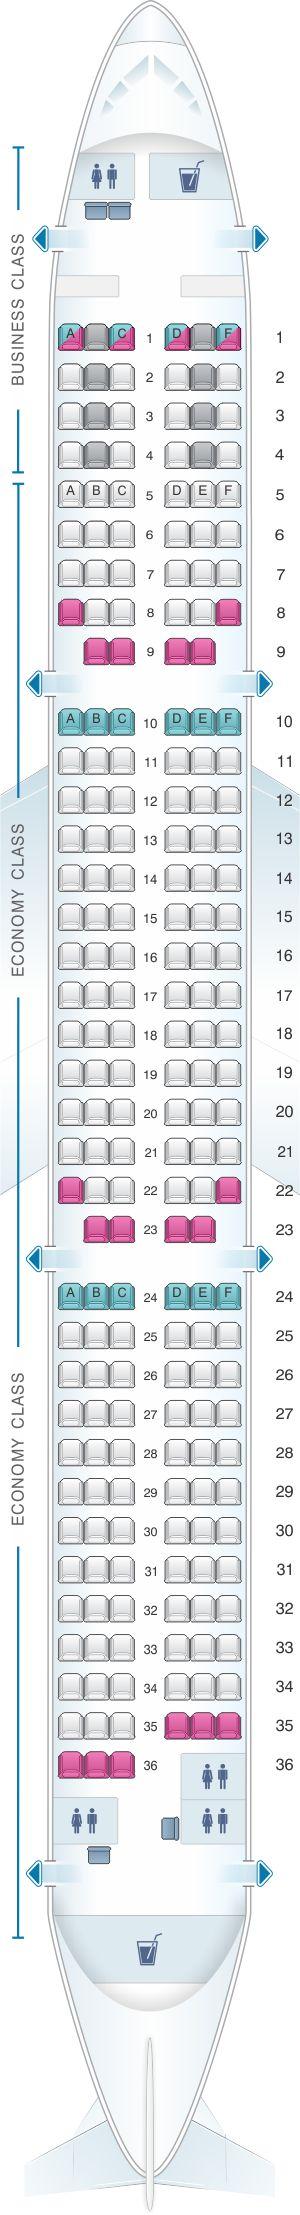 Seat Map Finnair Airbus A321 – 231